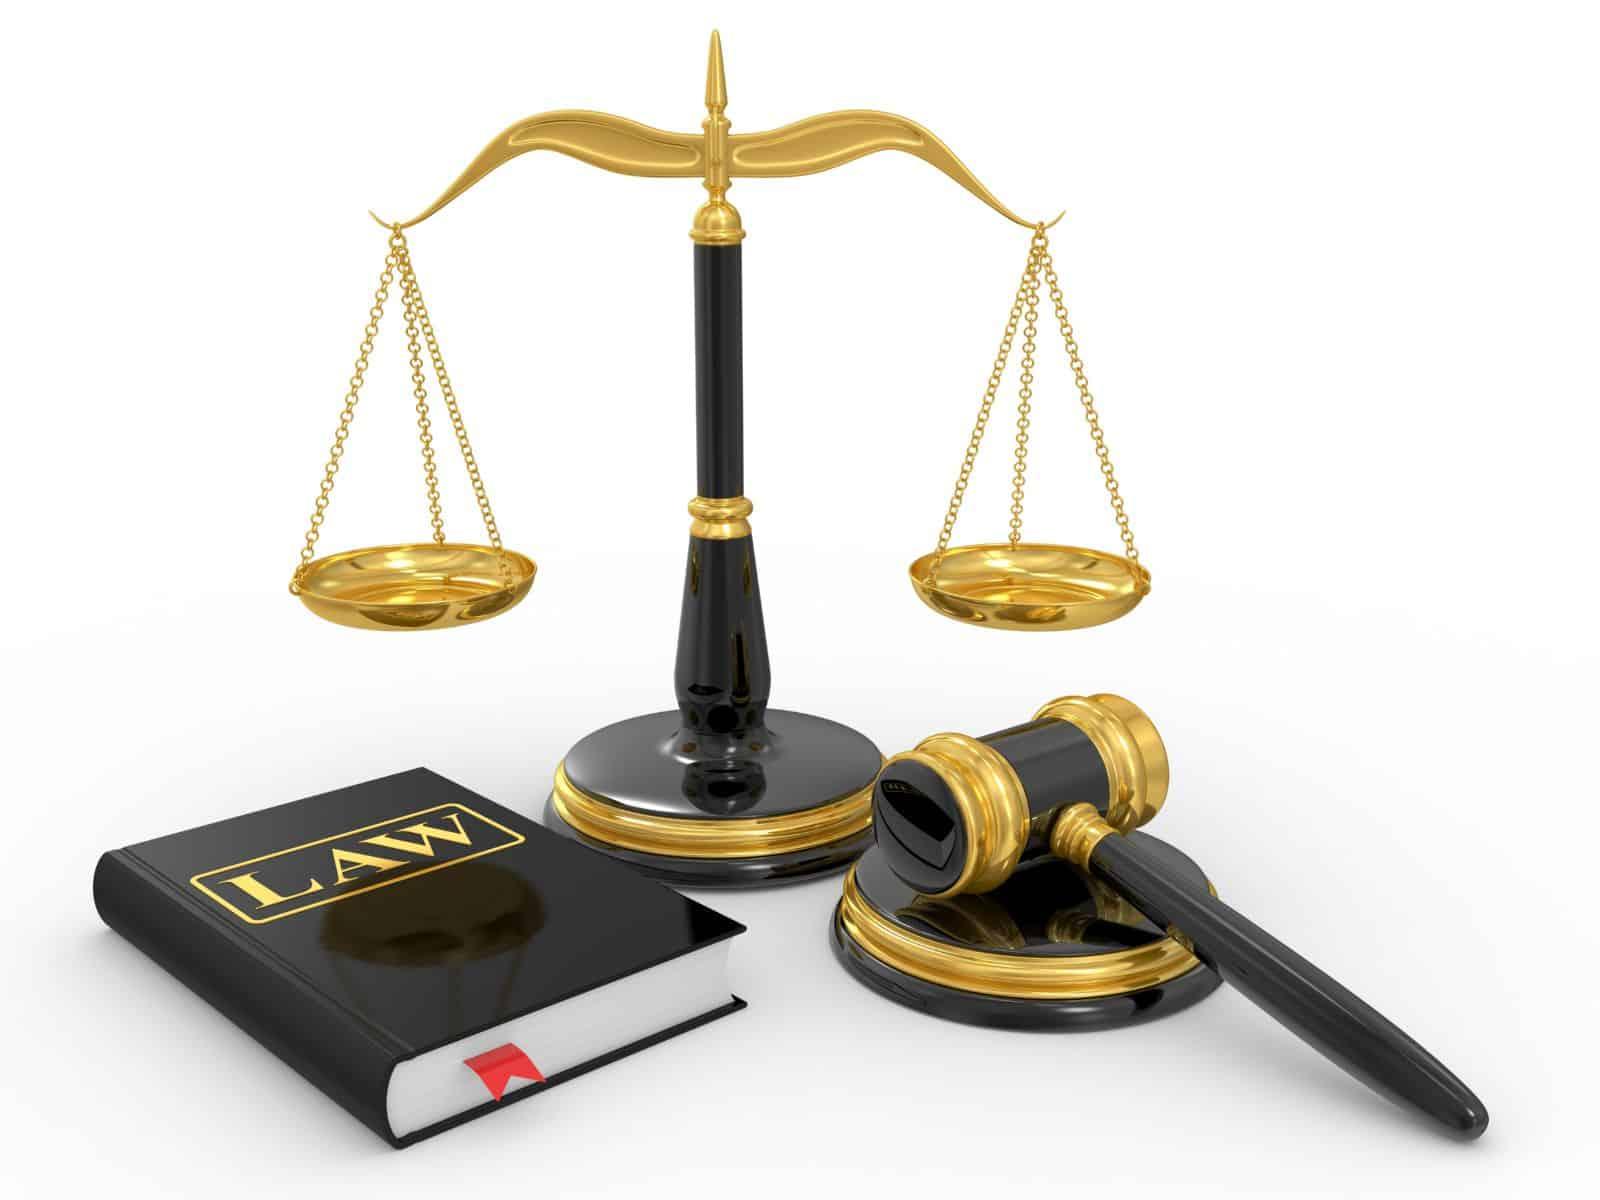 Штрафы на работе трудовой кодекс: имеет ли право работодатель штрафовать работника за опоздание, прогул или невыход на работу и законно ли это